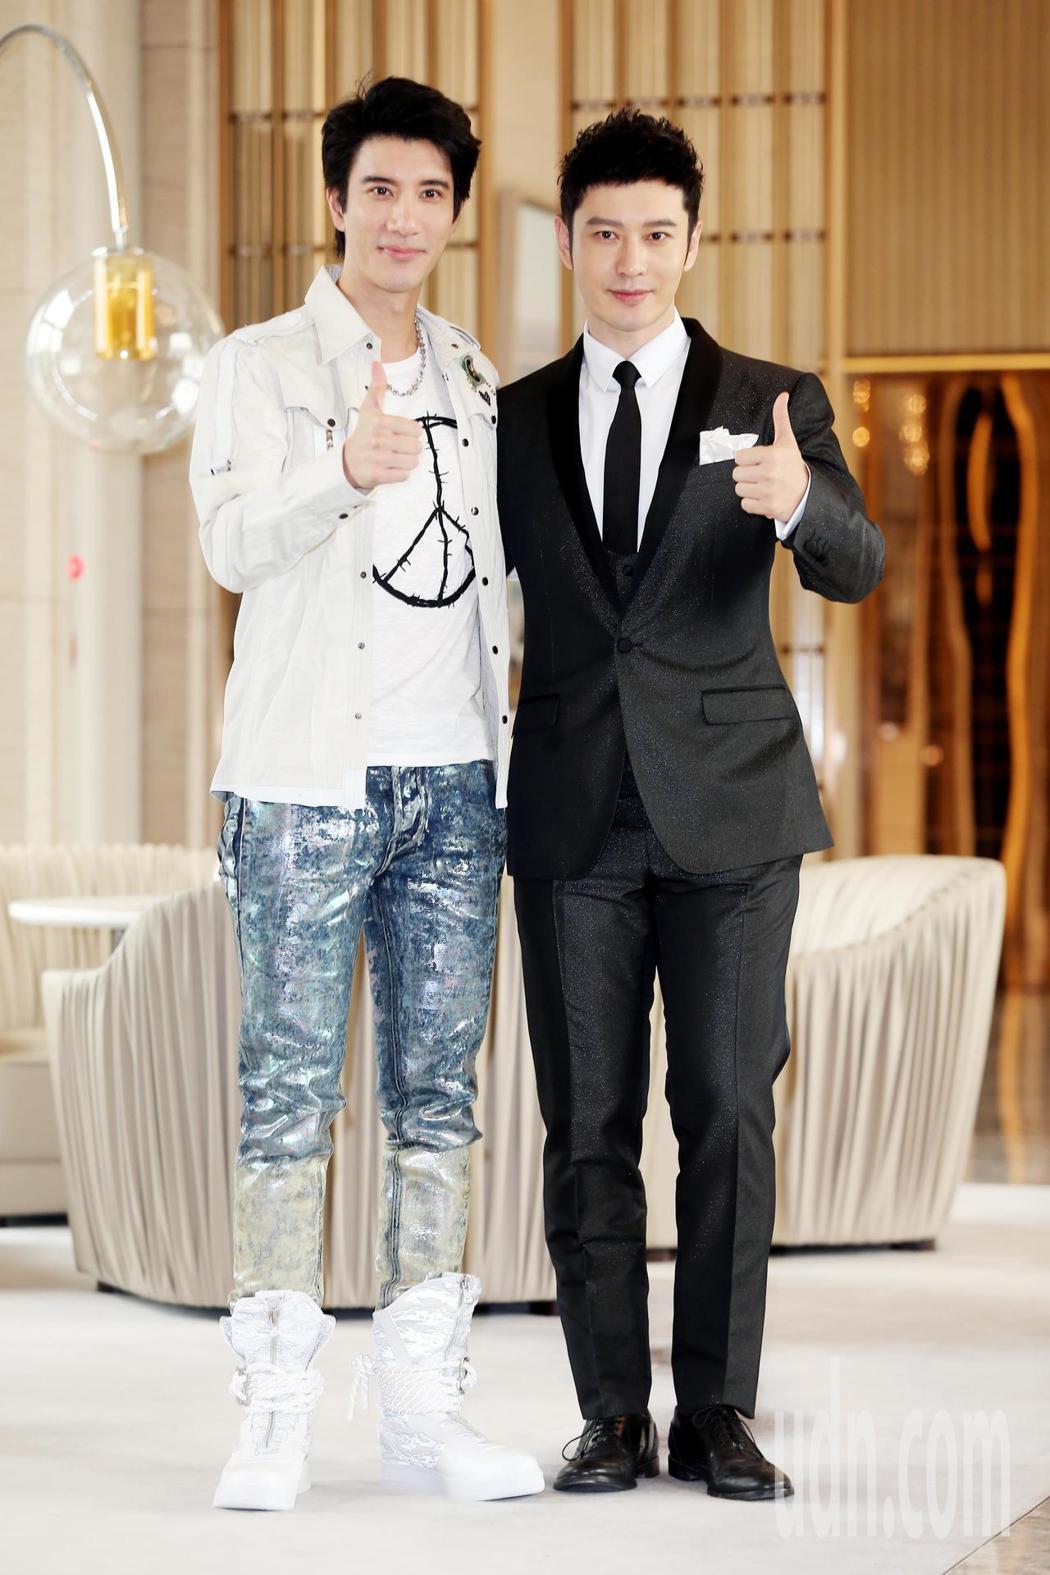 《無問西東》的男主角兼出品人黃曉明(右)與王力宏(左)接受媒體聯訪宣傳新電影。